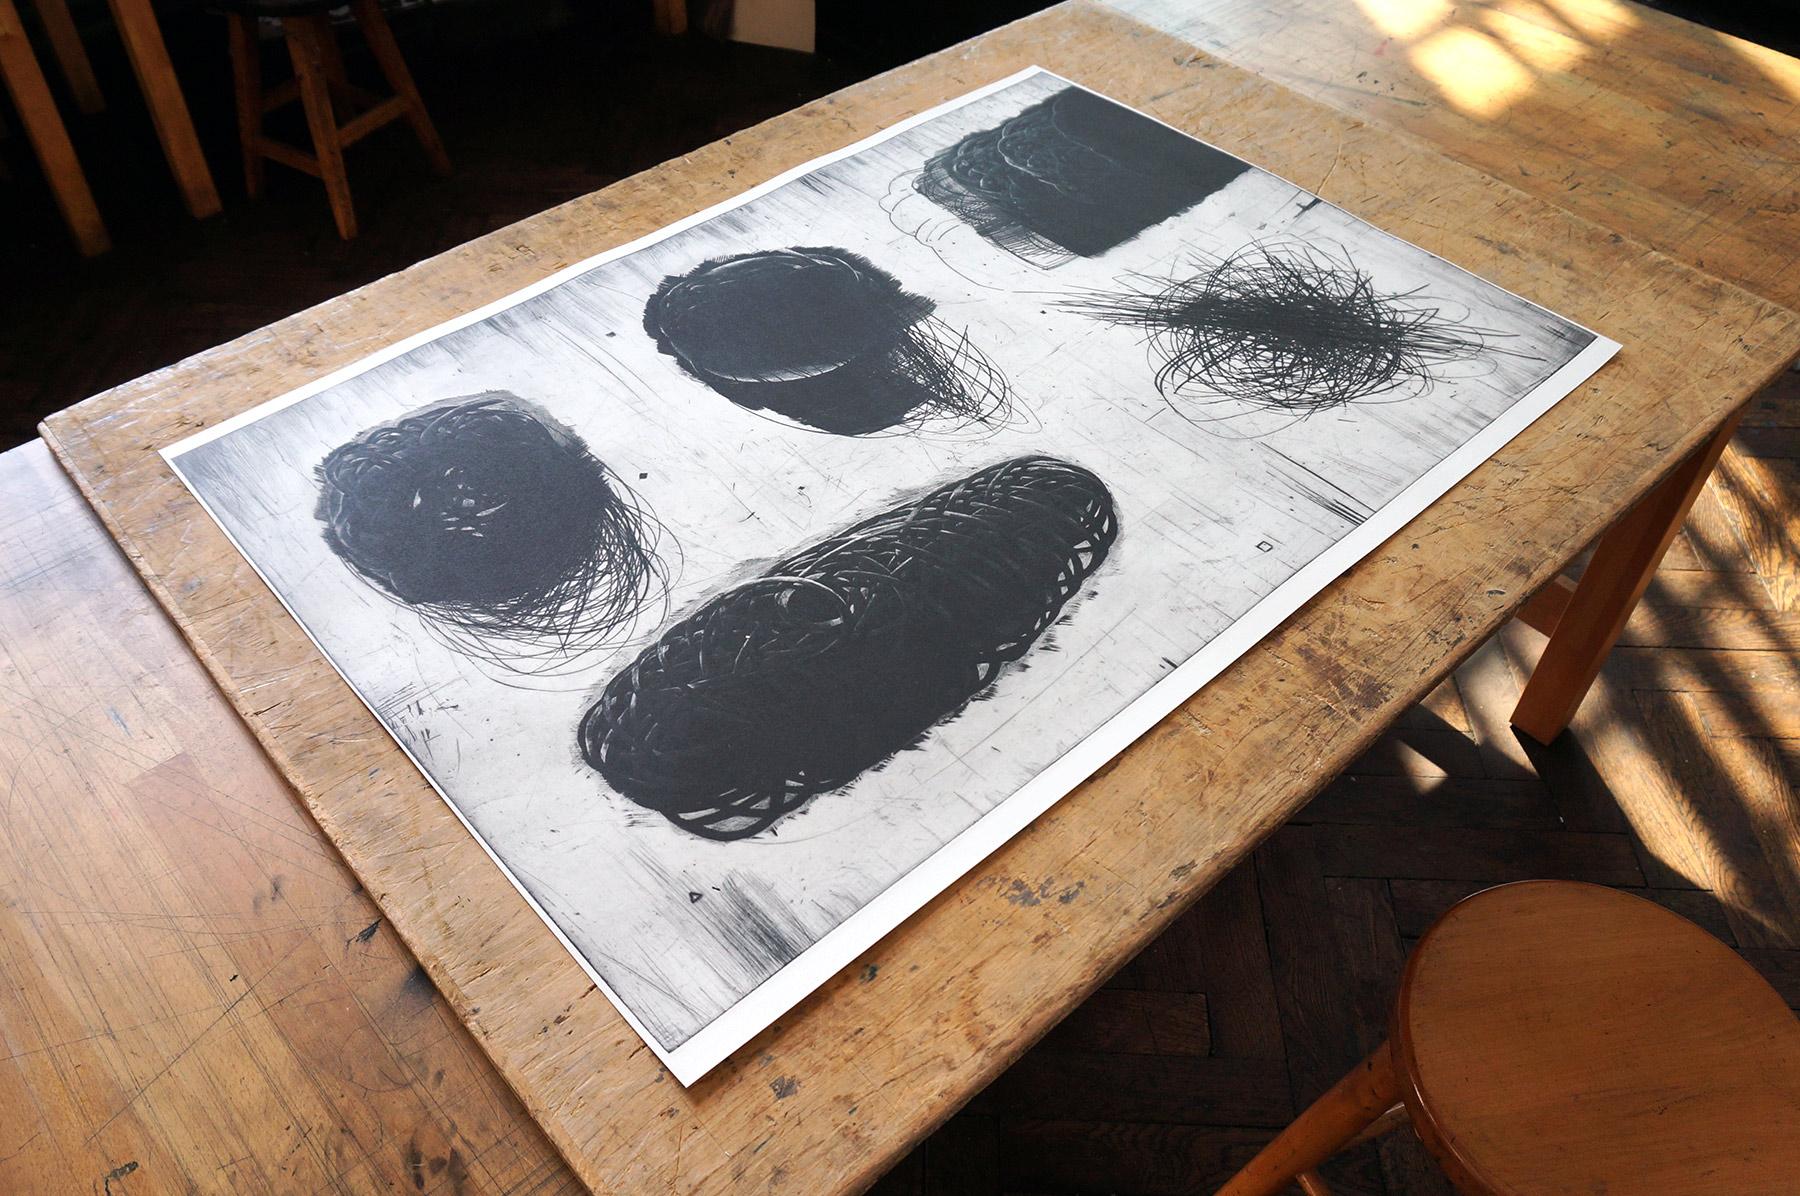 kunsttryk, engraveringer, abstrakte, grafiske, monokrome, mønstre, sorte, grå, hvide, blæk, papir, abstrakte-former, atmosfære, efterår, sort-hvide, konceptuel, dansk, dekorative, design, interiør, bolig-indretning, nordisk, skandinavisk, Køb original kunst og kunstplakater. Malerier, tegninger, limited edition kunsttryk & plakater af dygtige kunstnere.